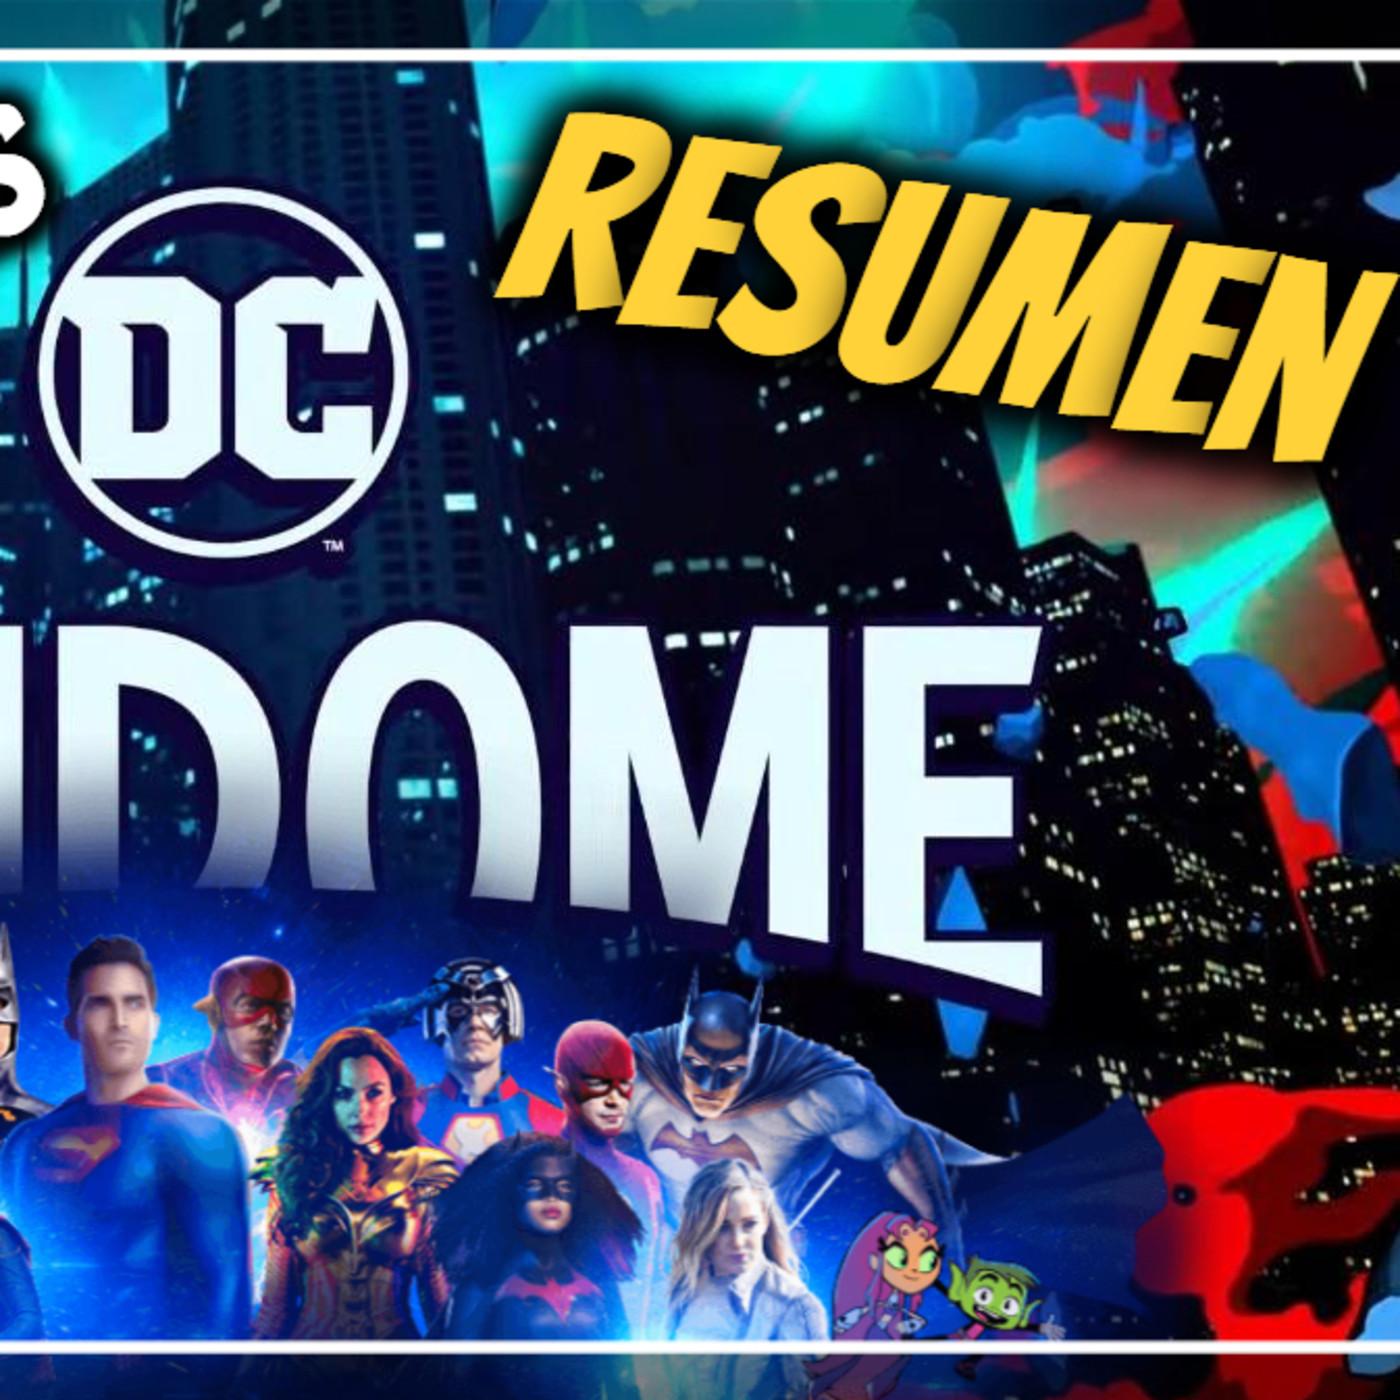 Resumen DC FANDOME – 💥 Todos los TRÁILERS y NOTICIAS💥 – Películas, series, videojuegos… – DEBATE